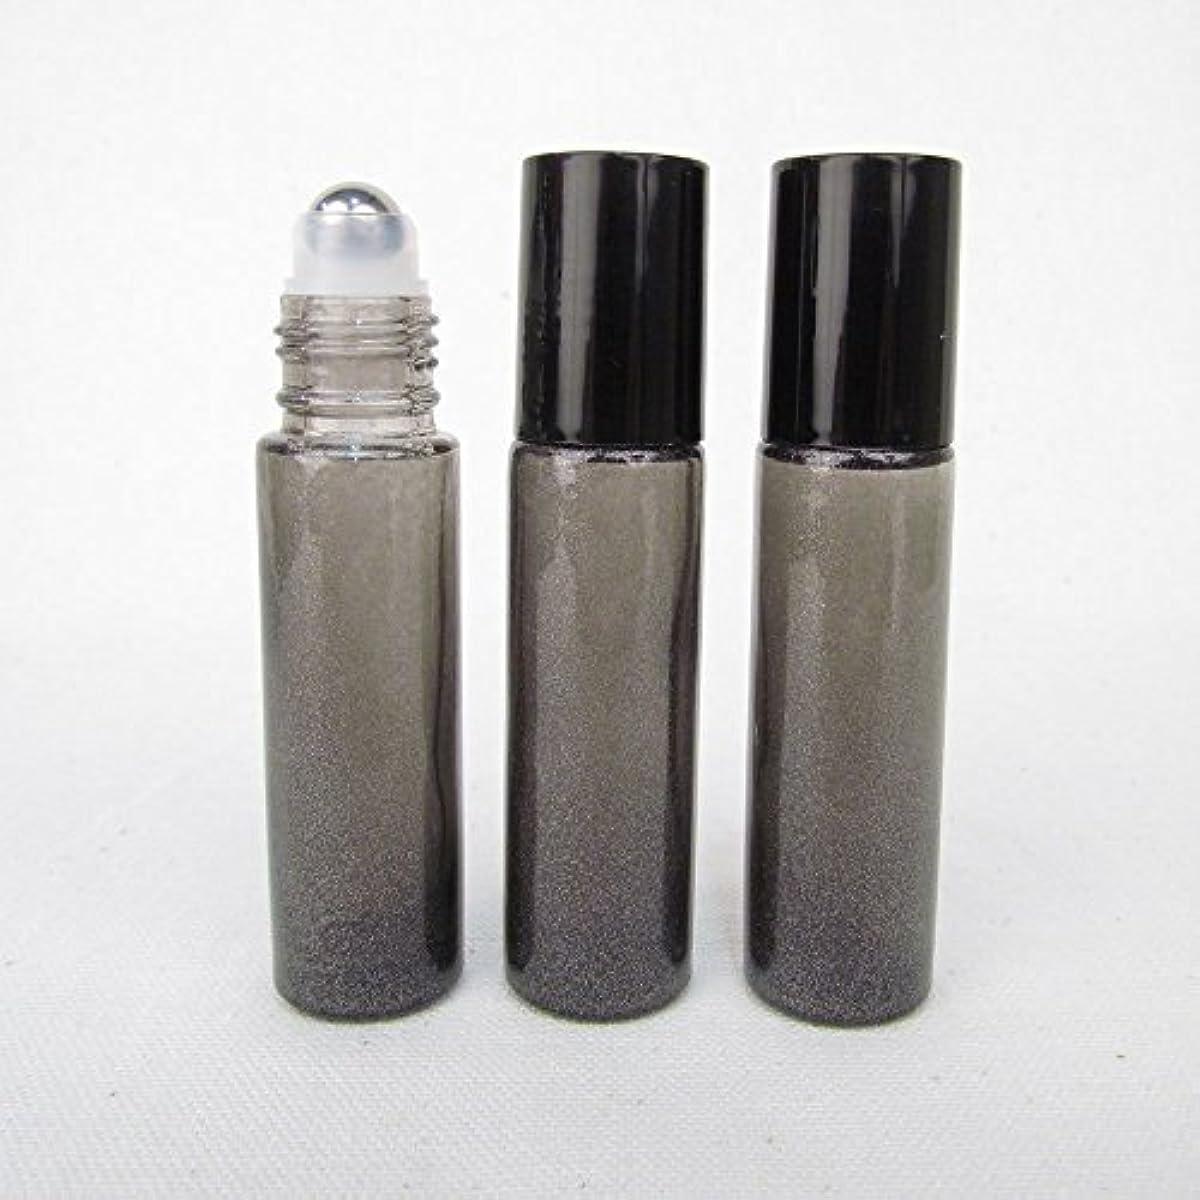 空白戦術侵入するSet of 3 Granite Gray Color 10ml Roll on Bottle with Stainless Steel Ball for Essential Oil Products by Rivertree...